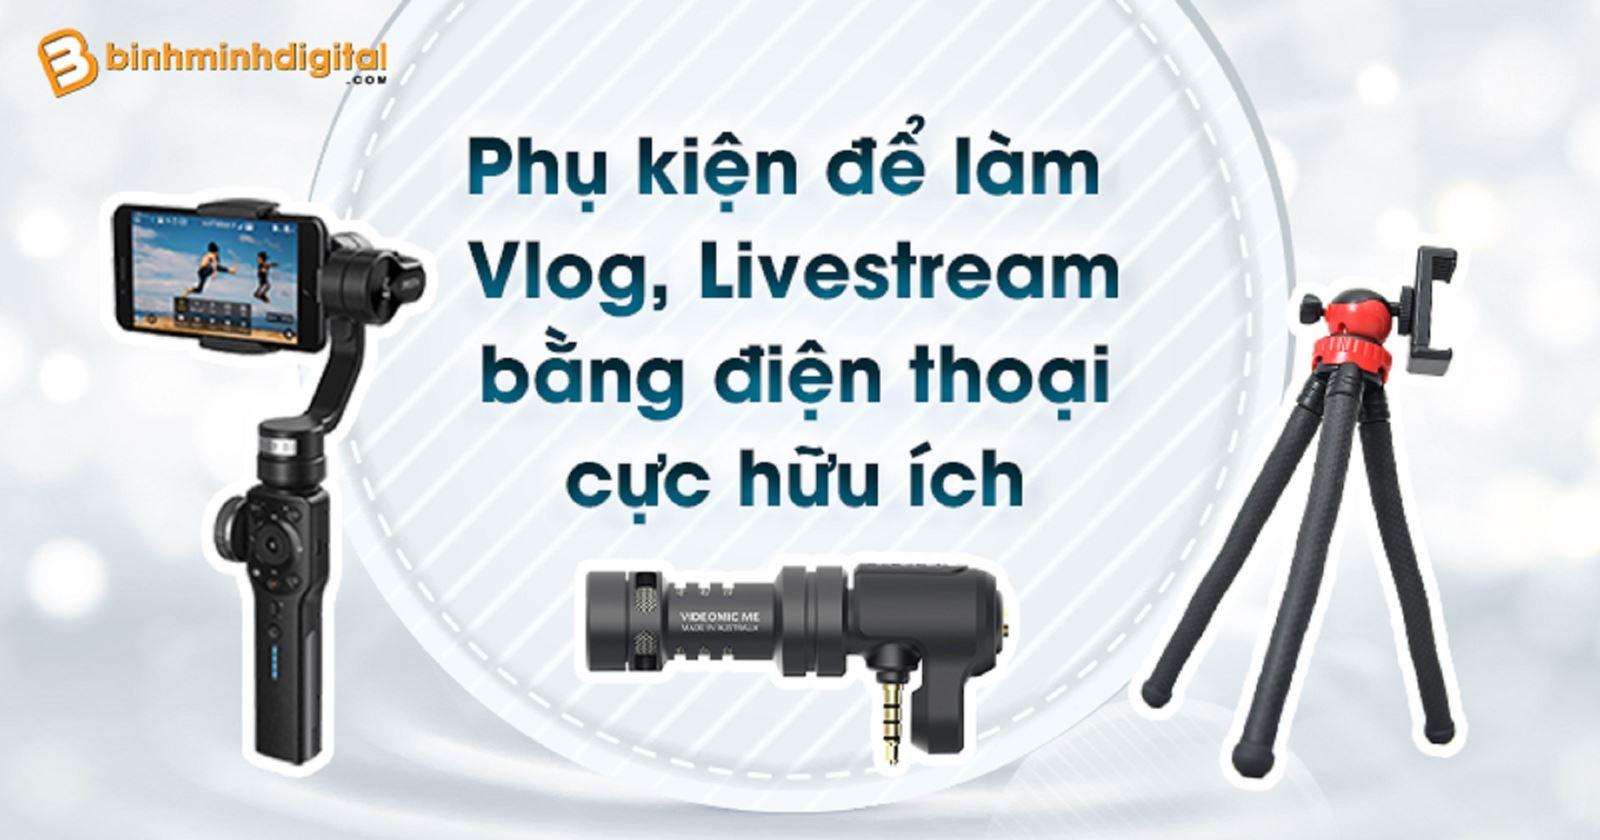 Phụ kiện để làm Vlog, Livestream bằngđiện thoại cực hữu ích